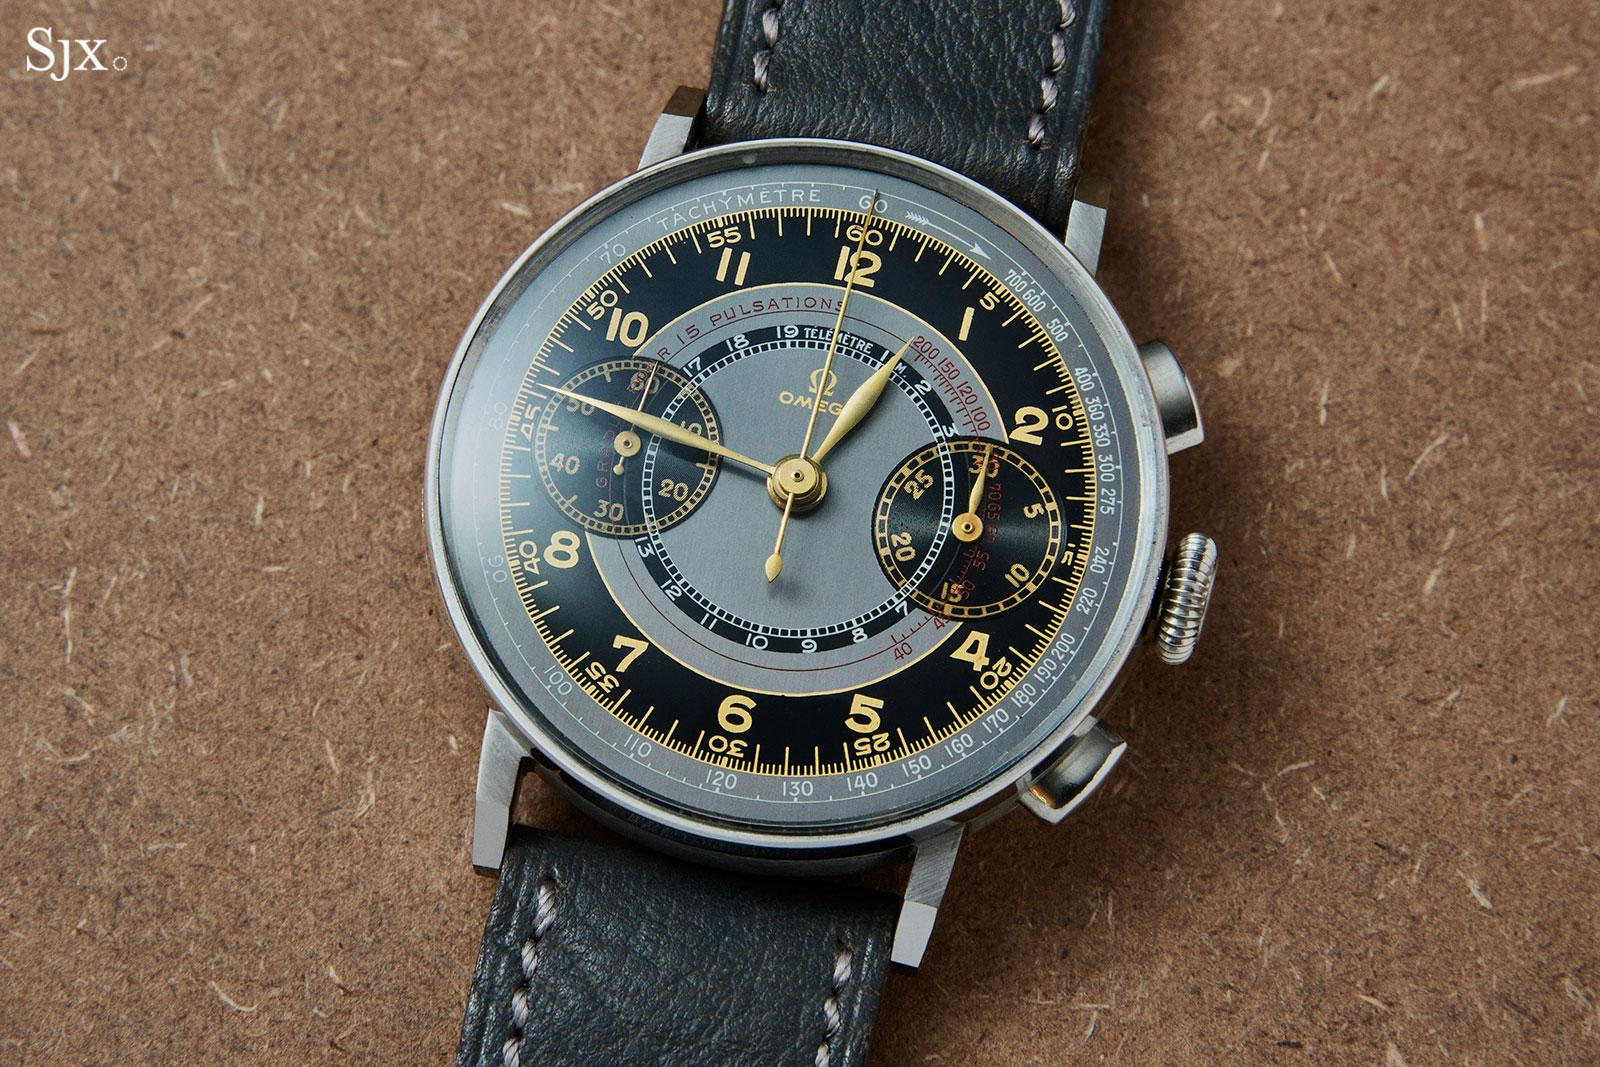 Omega CK2079 chronograph 33.3 3